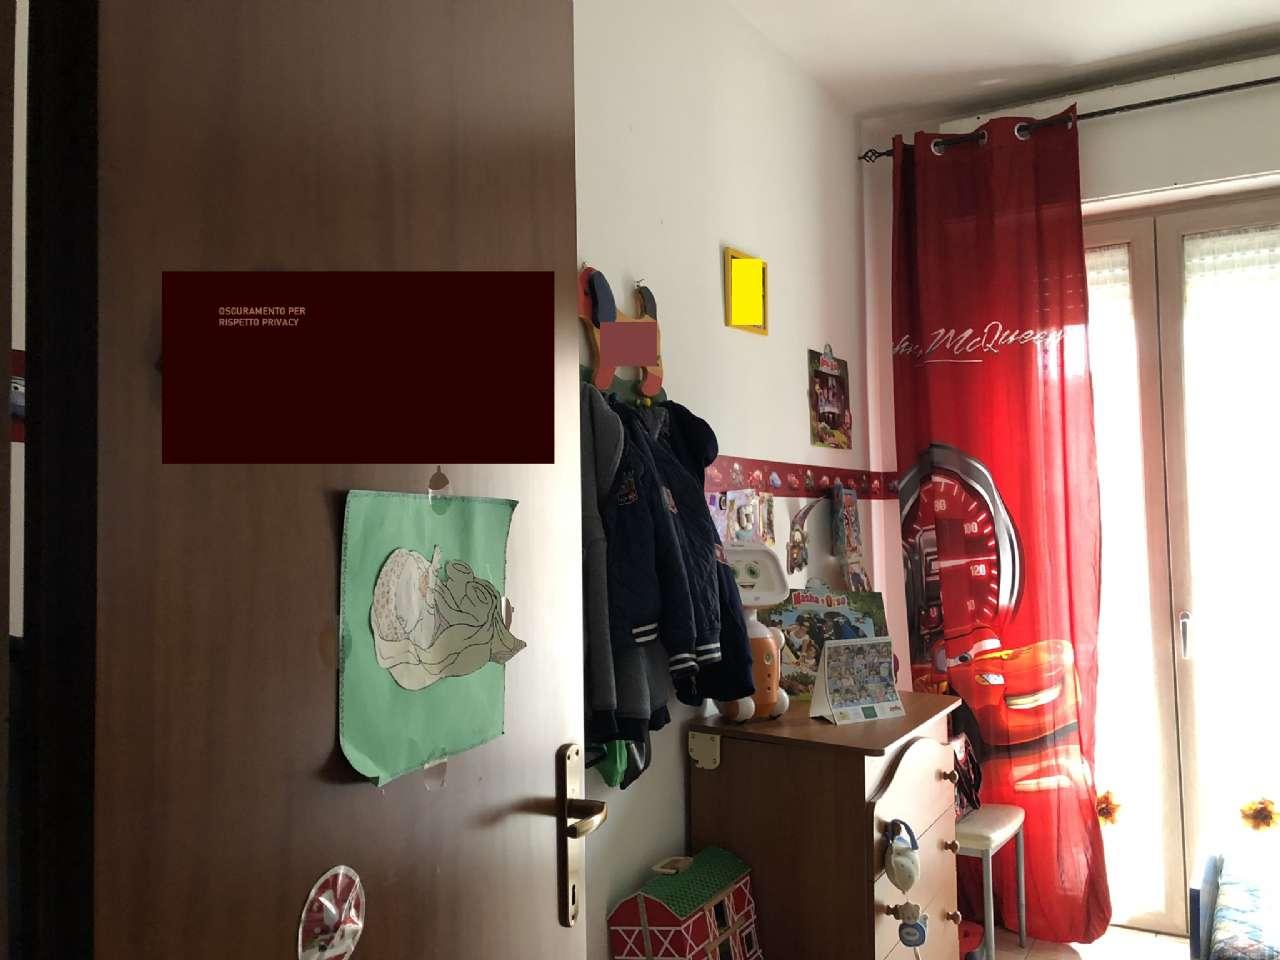 Trilocale con balcone e box auto, foto 3